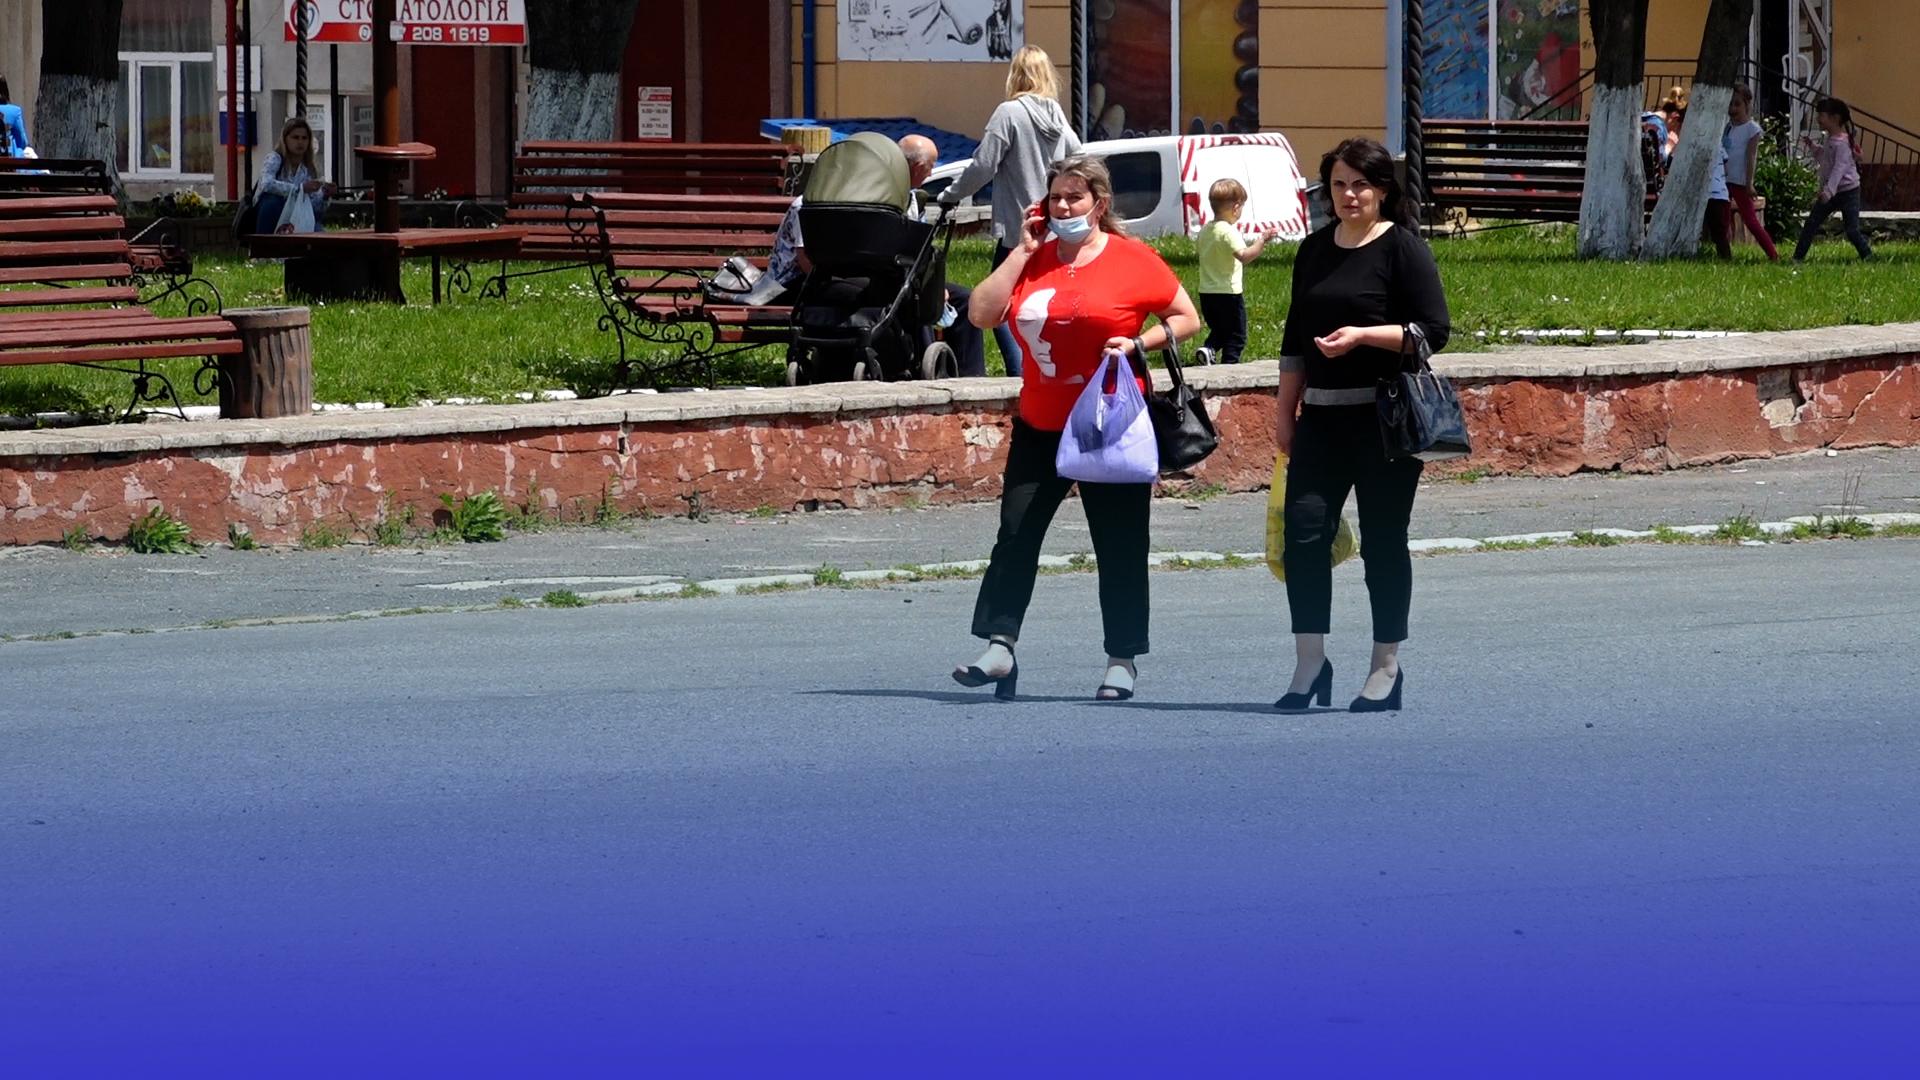 Тепер менше заборон: як змінилося життя у містечку Козова за останній рік